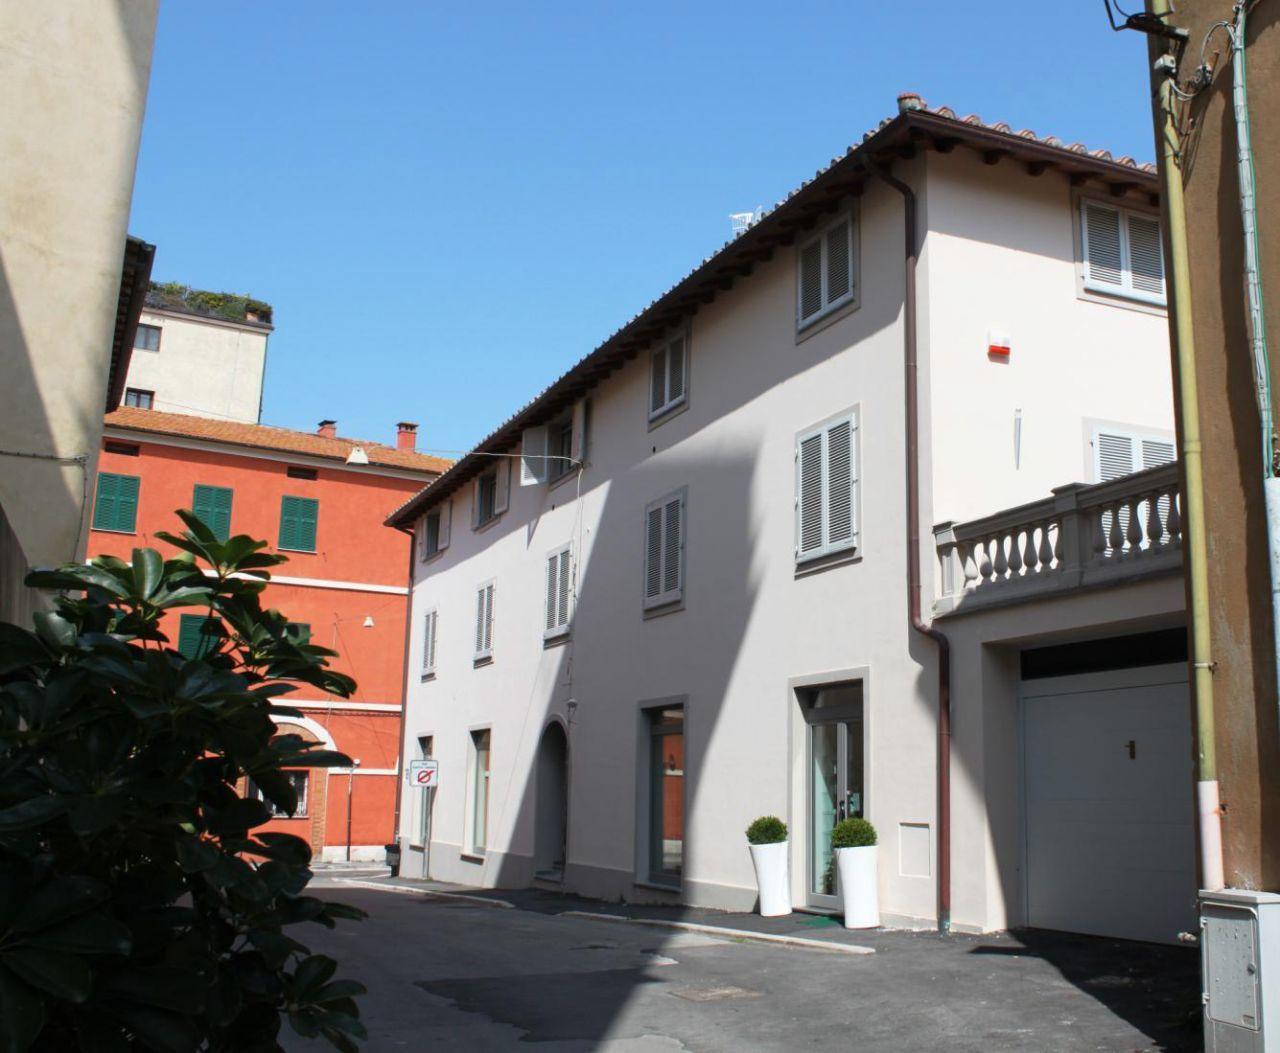 Attico / Mansarda in vendita a Orbetello, 3 locali, prezzo € 655.000 | Cambio Casa.it